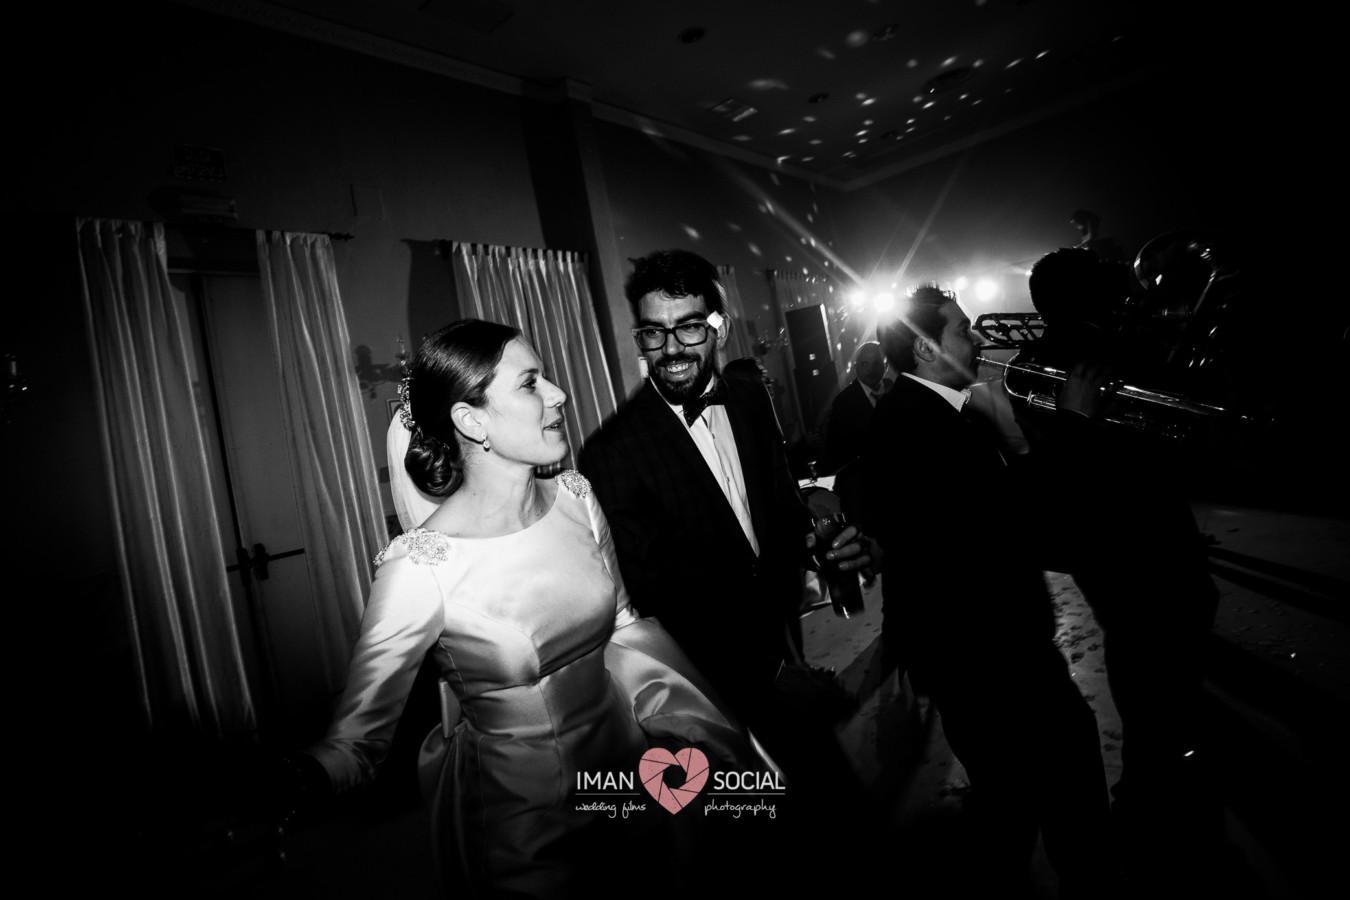 fotografo-de-boda-en-cordoba-sevilla-posadas-boda-auxi-y-antonio-39 Auxi & Antonio, primera boda de la temporada - video boda cordoba